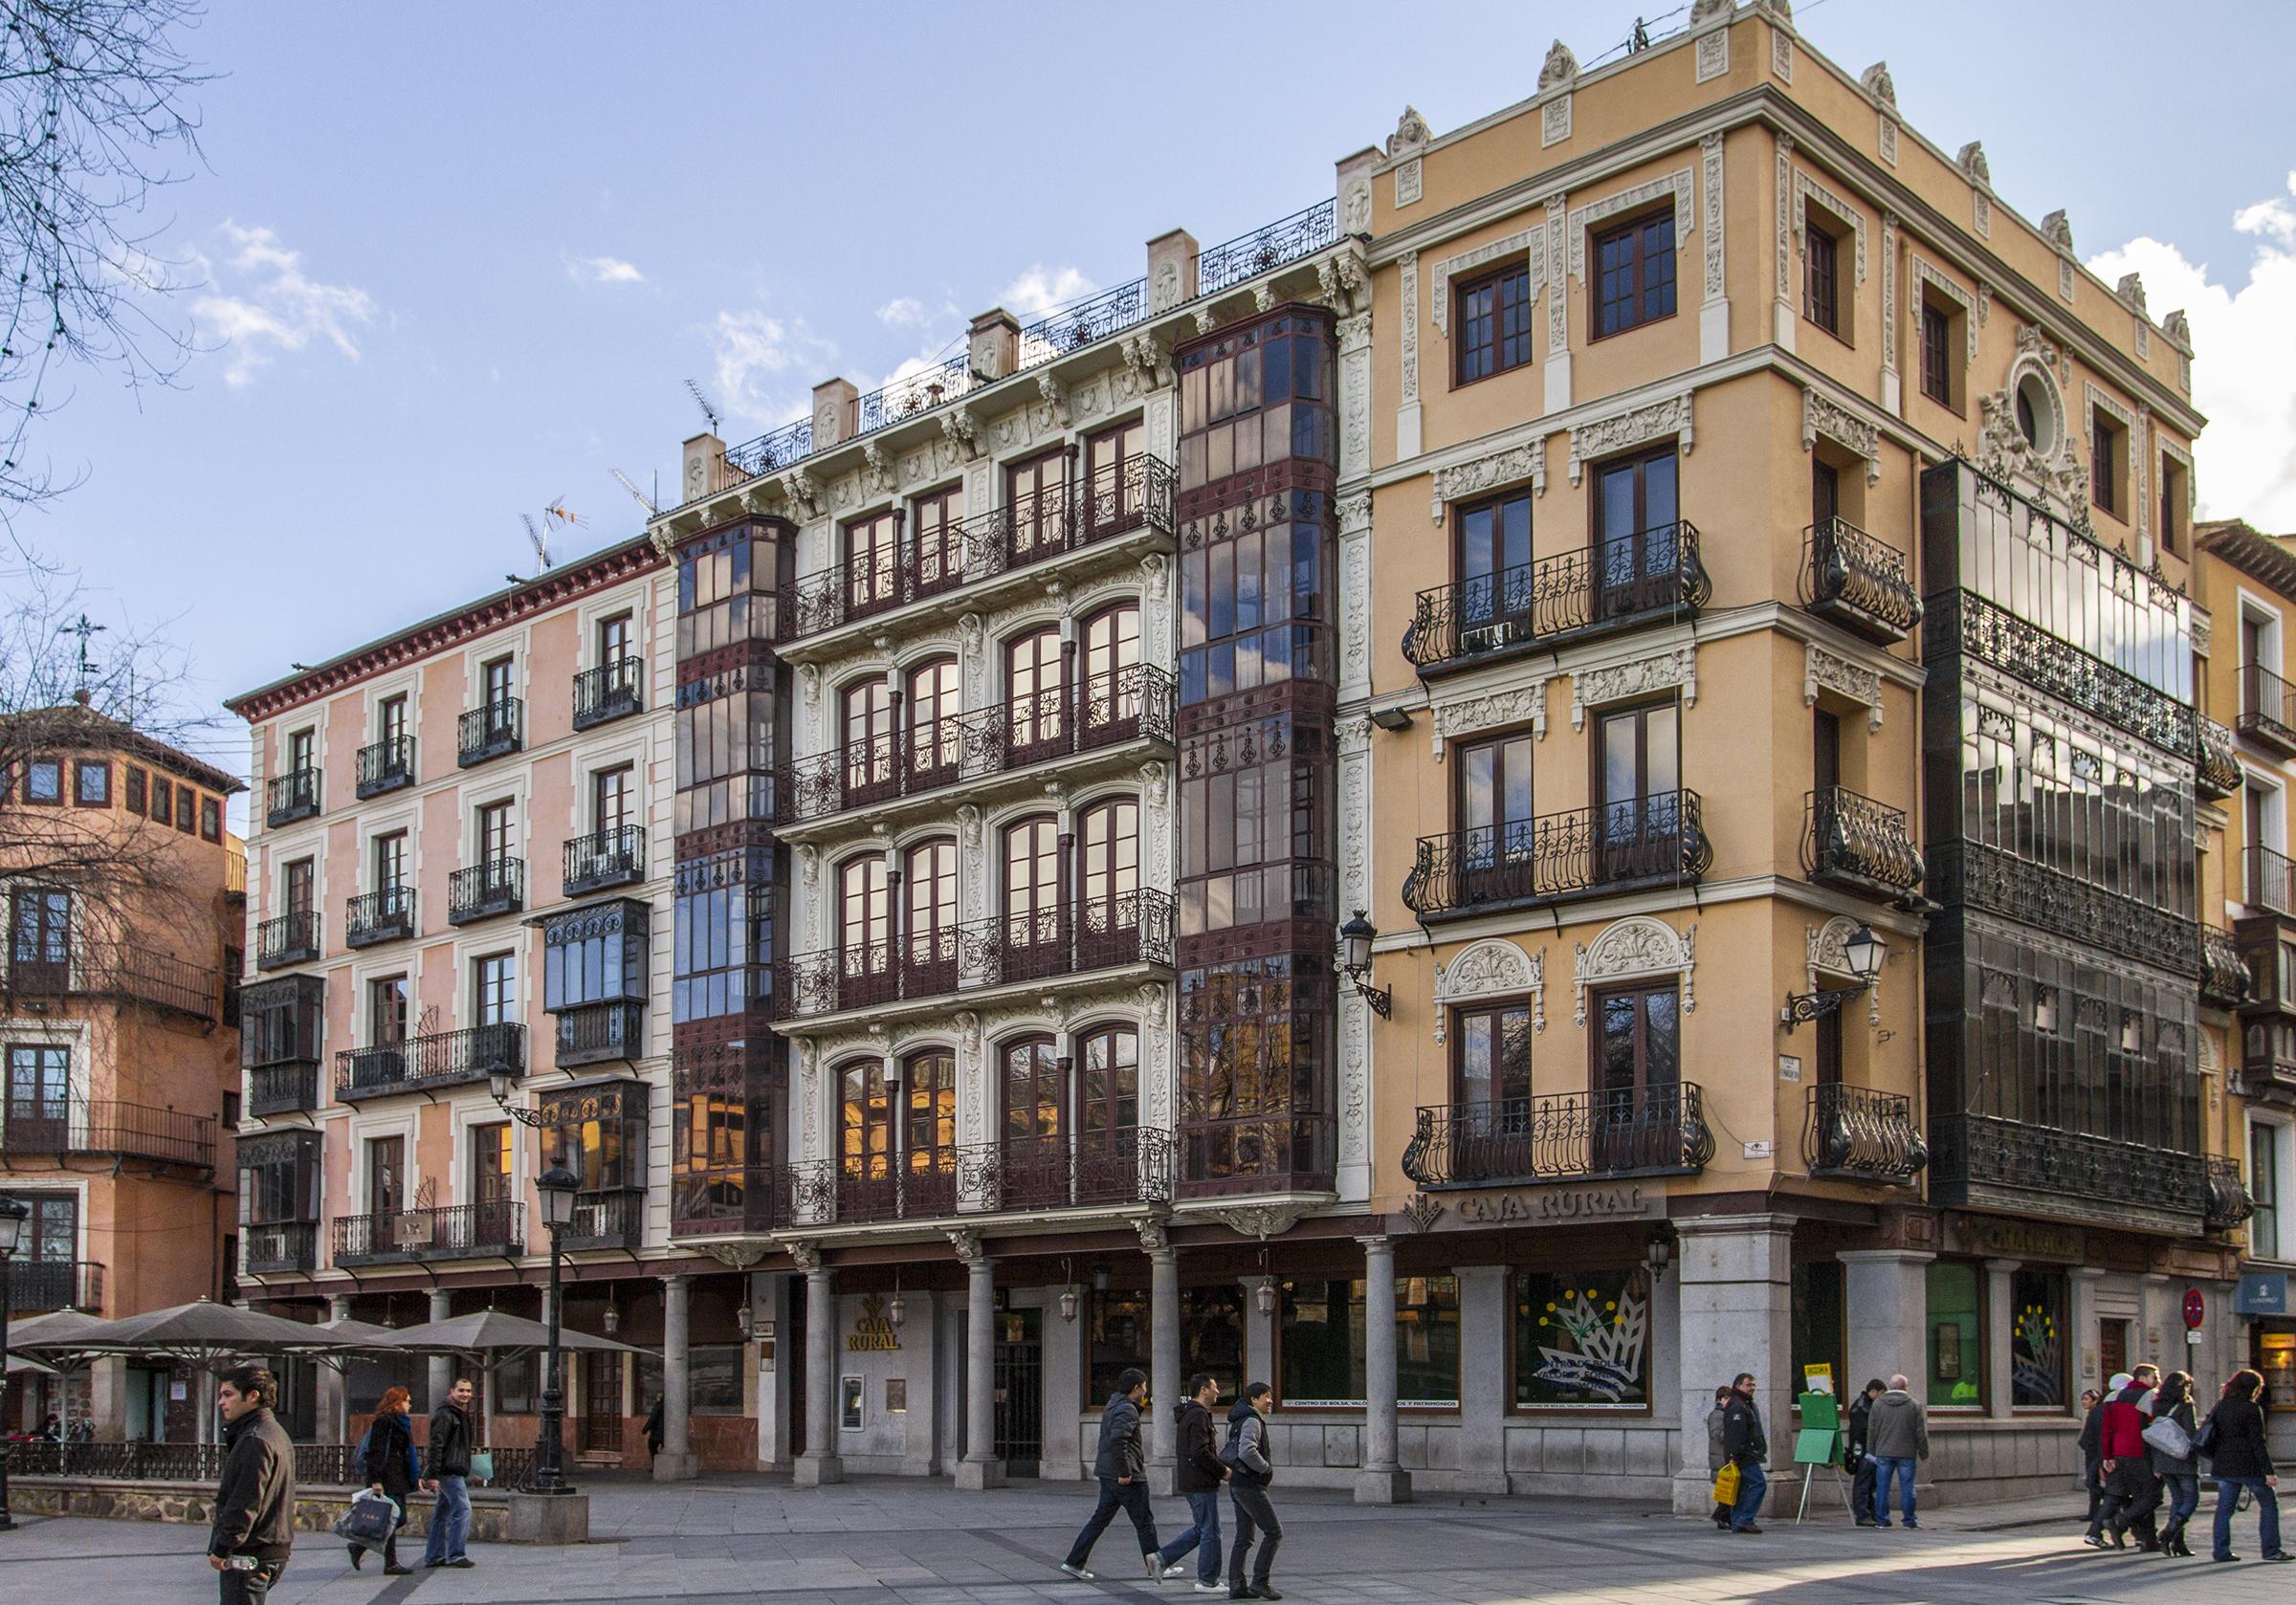 Plaza de Zocodover Toledo Spain